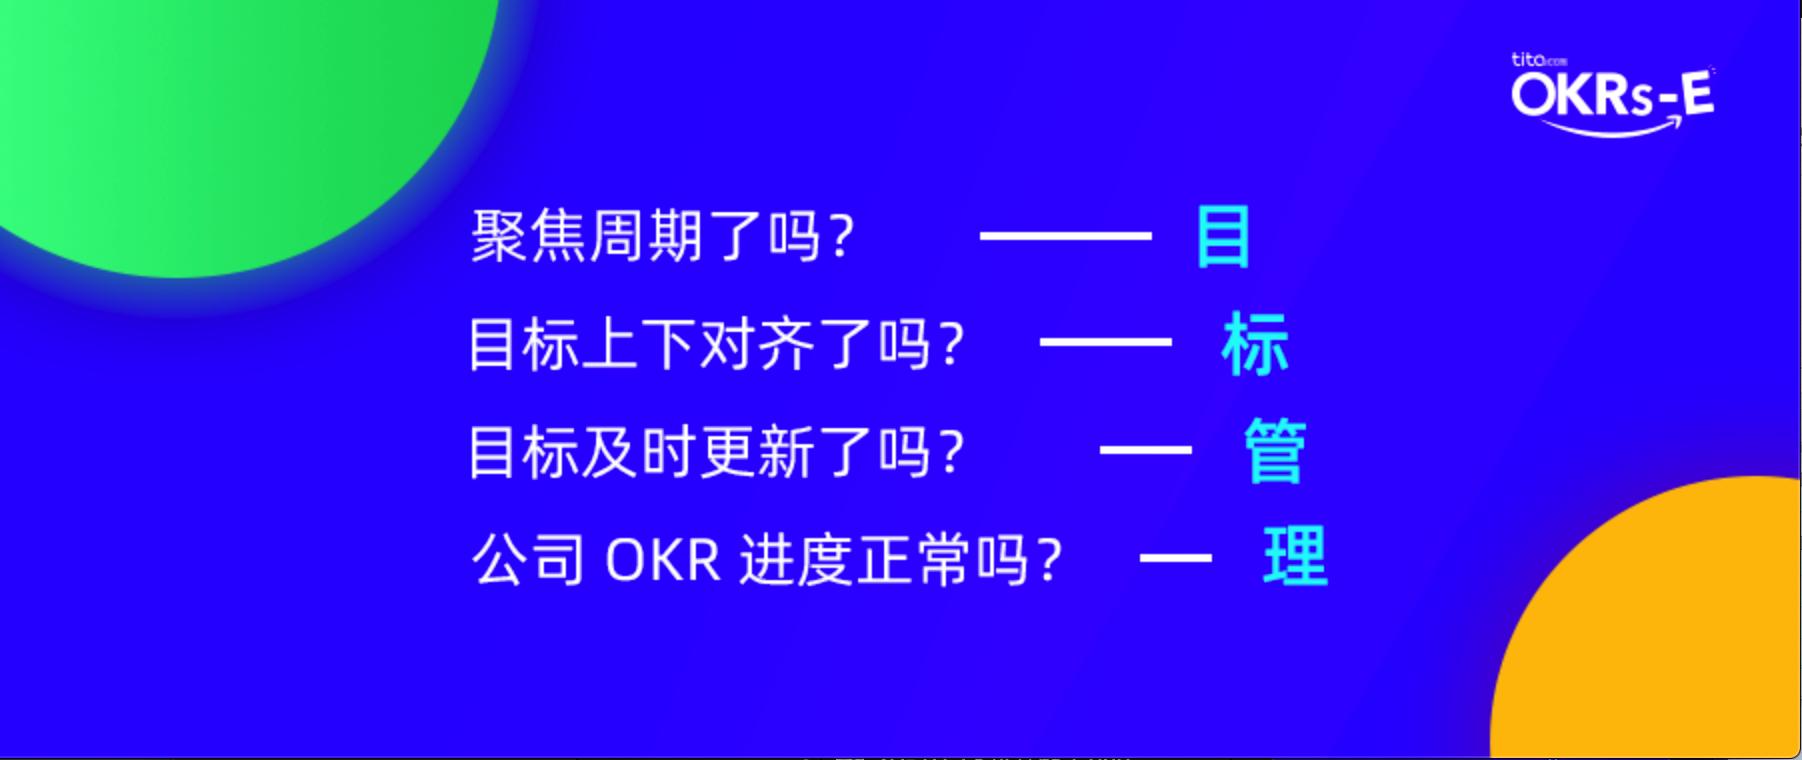 成功实施OKR的6个要求